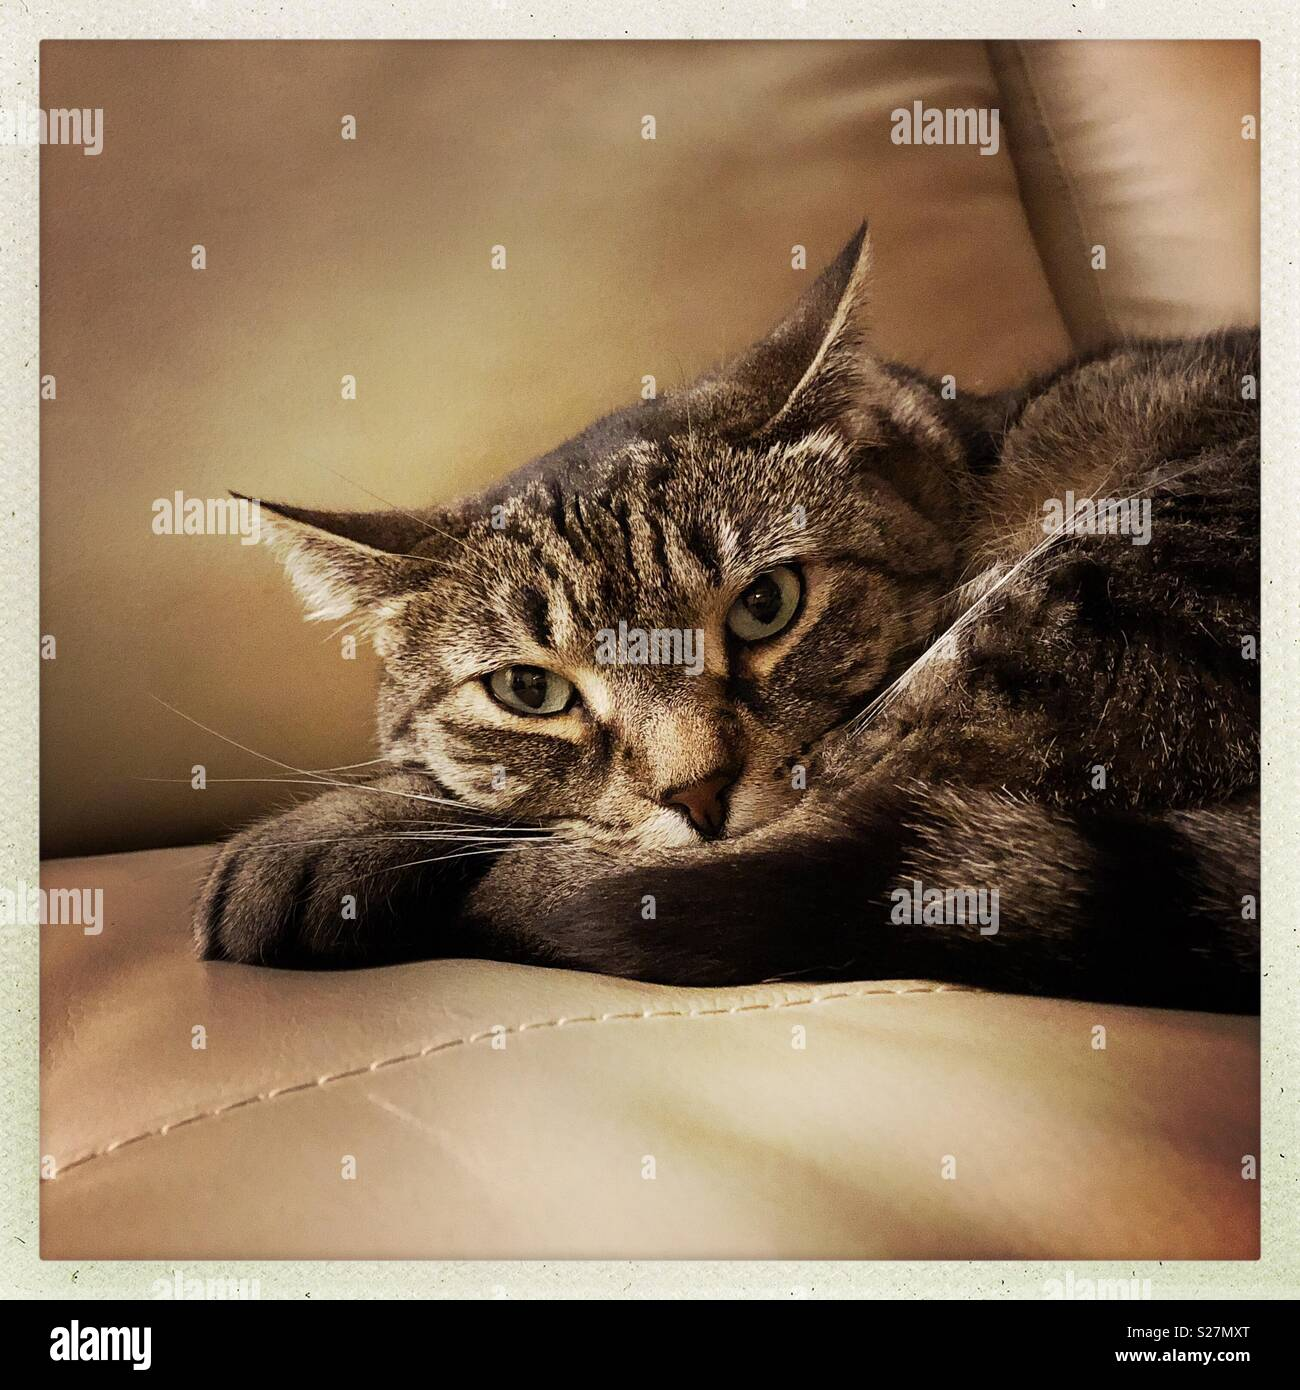 Gatto Divano Pelle.La Mia Tabby Mix Bengala Gatto Sul Divano In Pelle Cercando